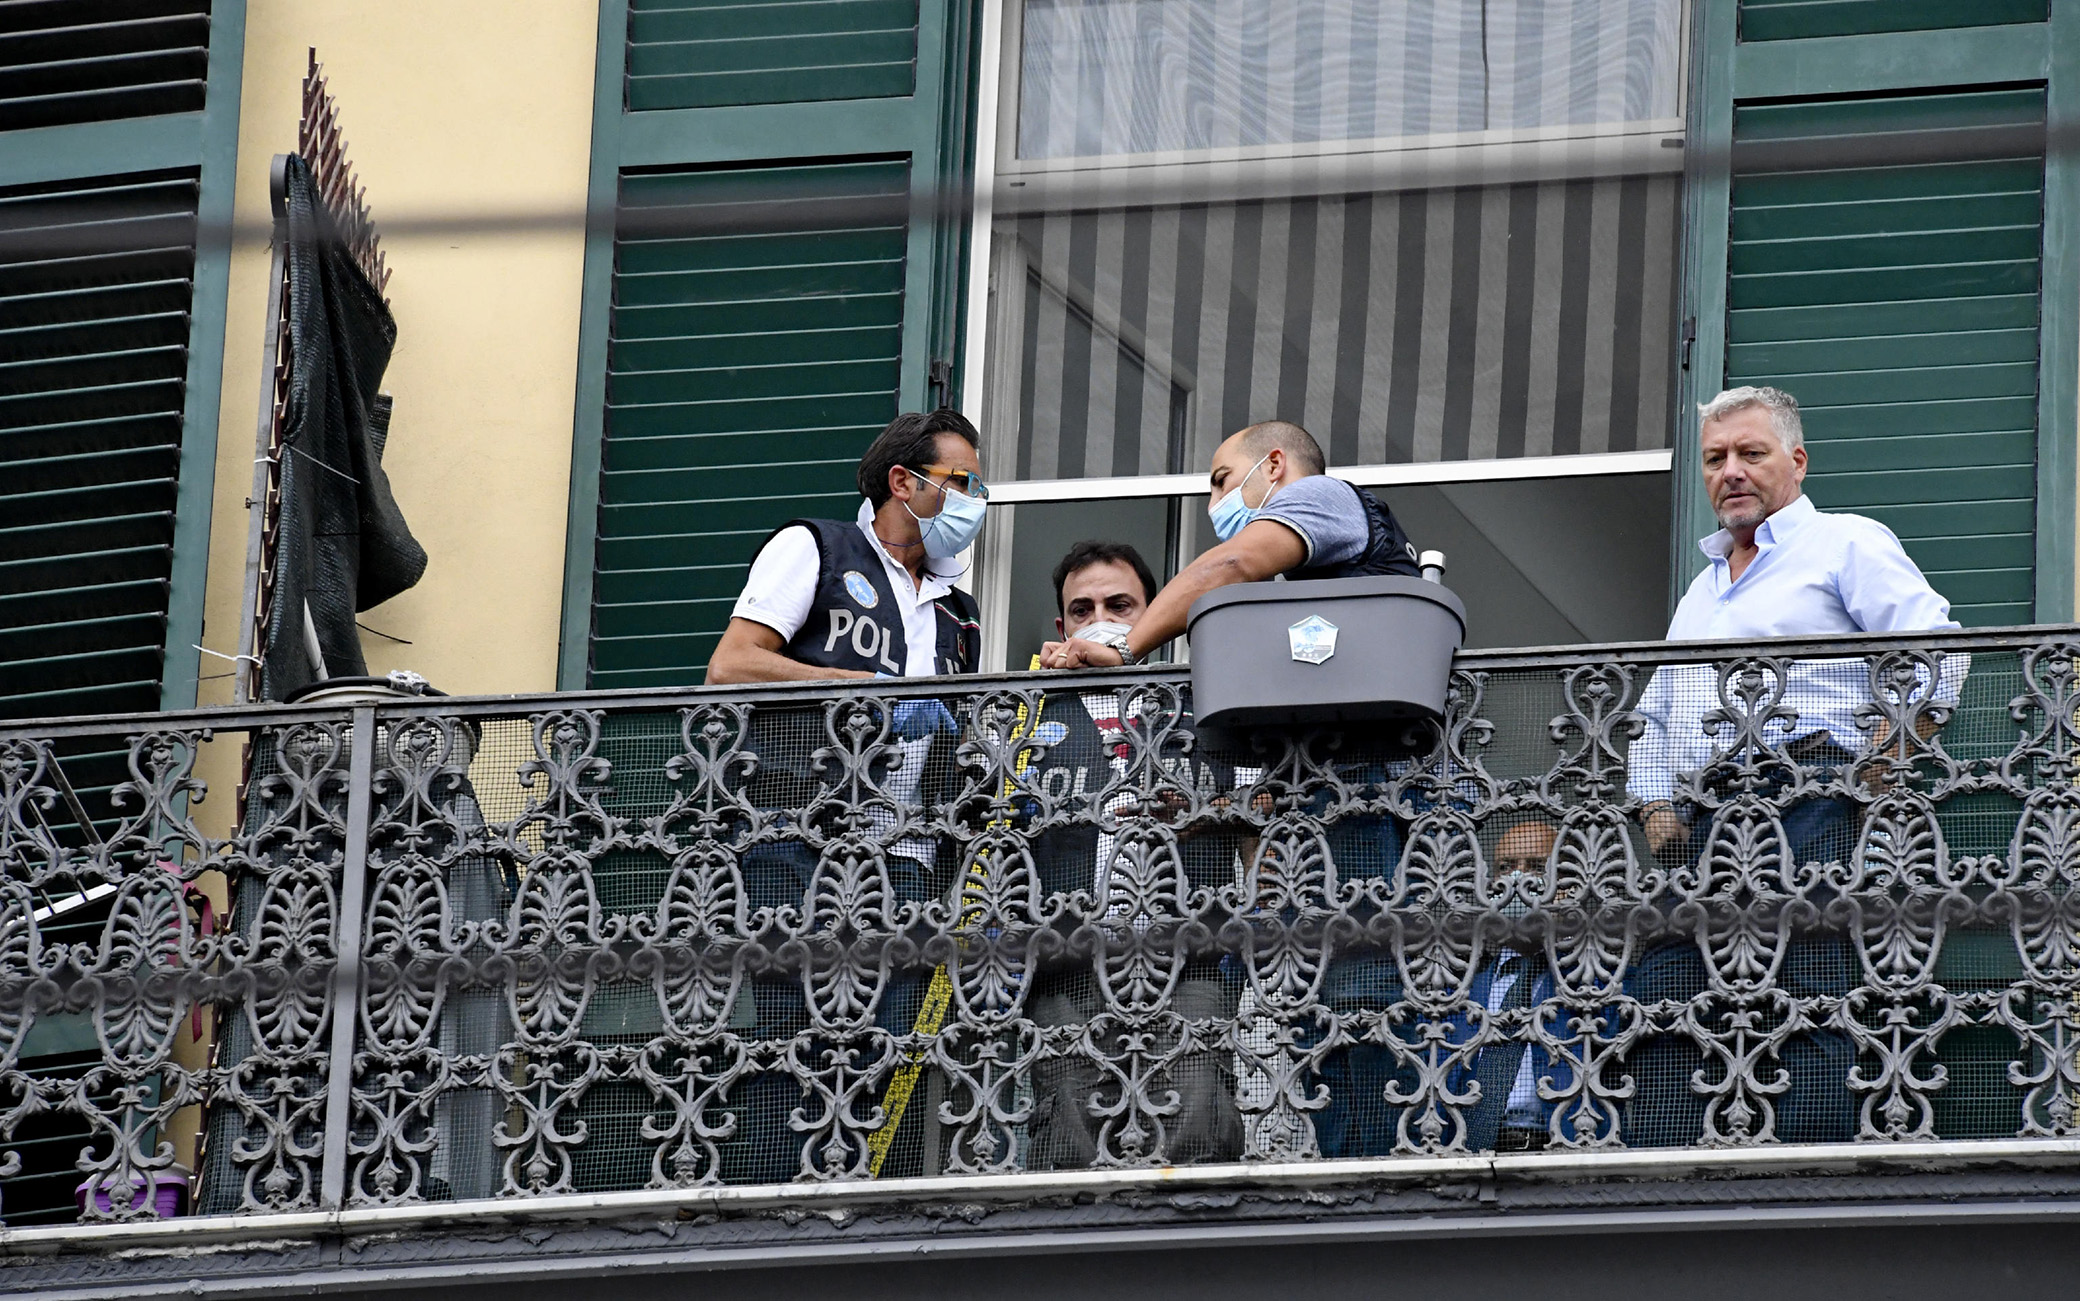 Le indagini sull'omicidio del bimbo morto a Napoli